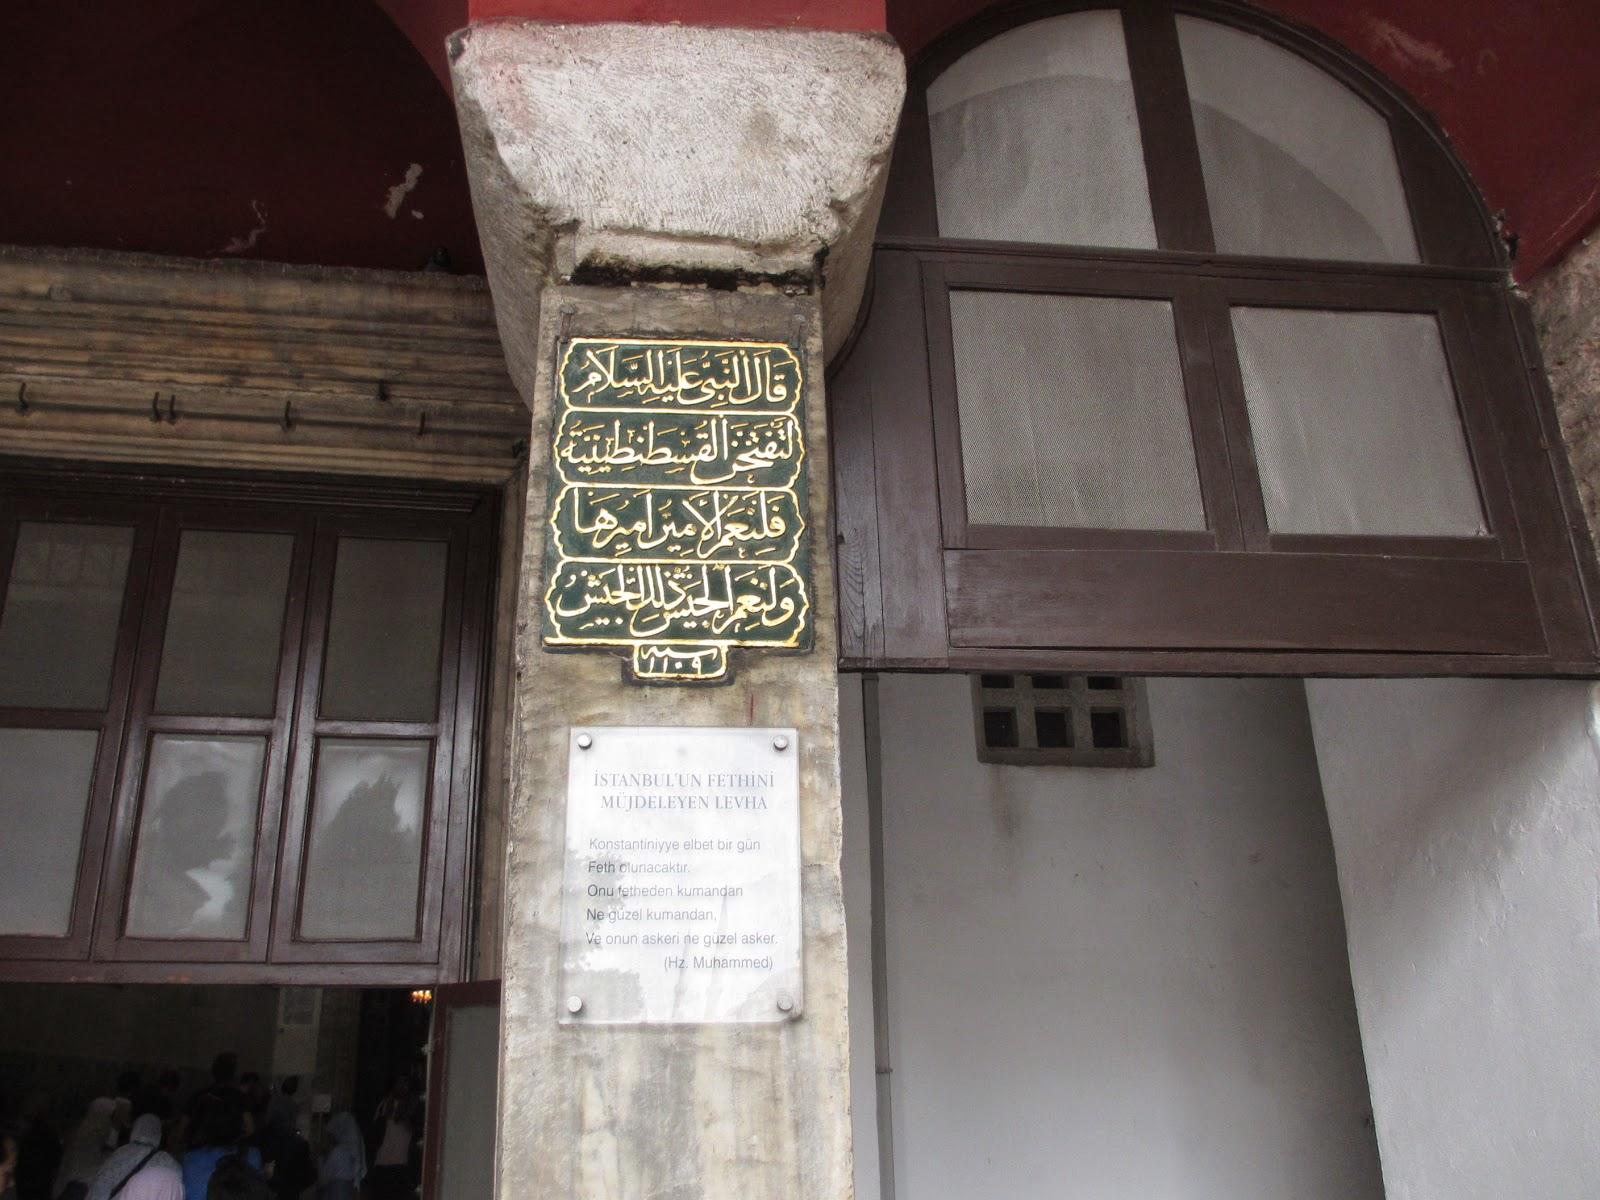 Tempat Wisata Negara Turki yang Biasa di Kunjungi